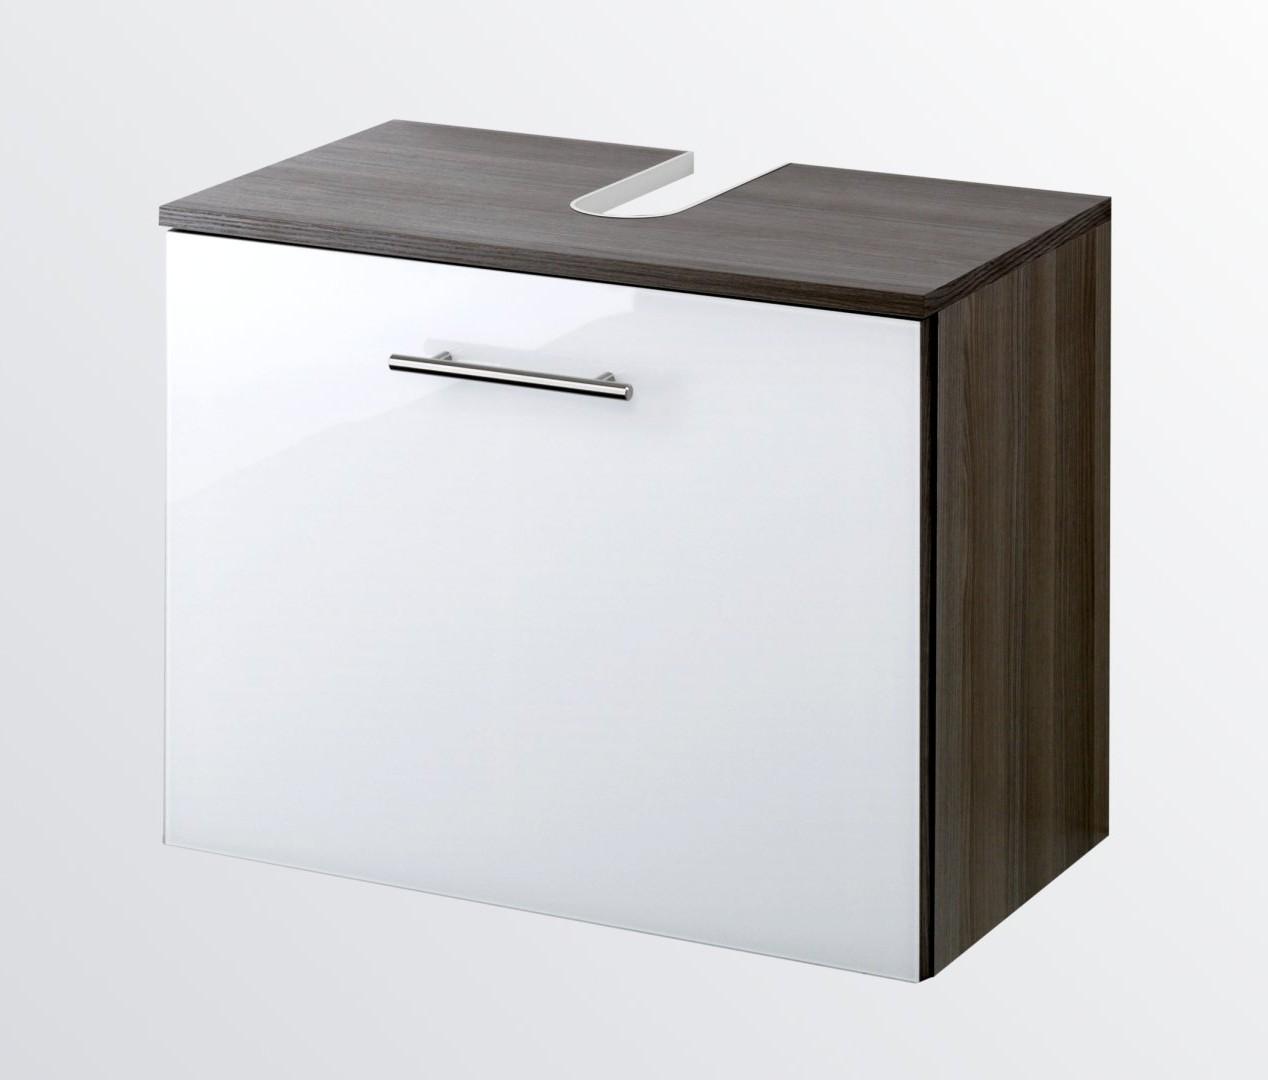 neu badezimmer badm belset atlanta 2 teiliges badset glas optiwhite ebay. Black Bedroom Furniture Sets. Home Design Ideas